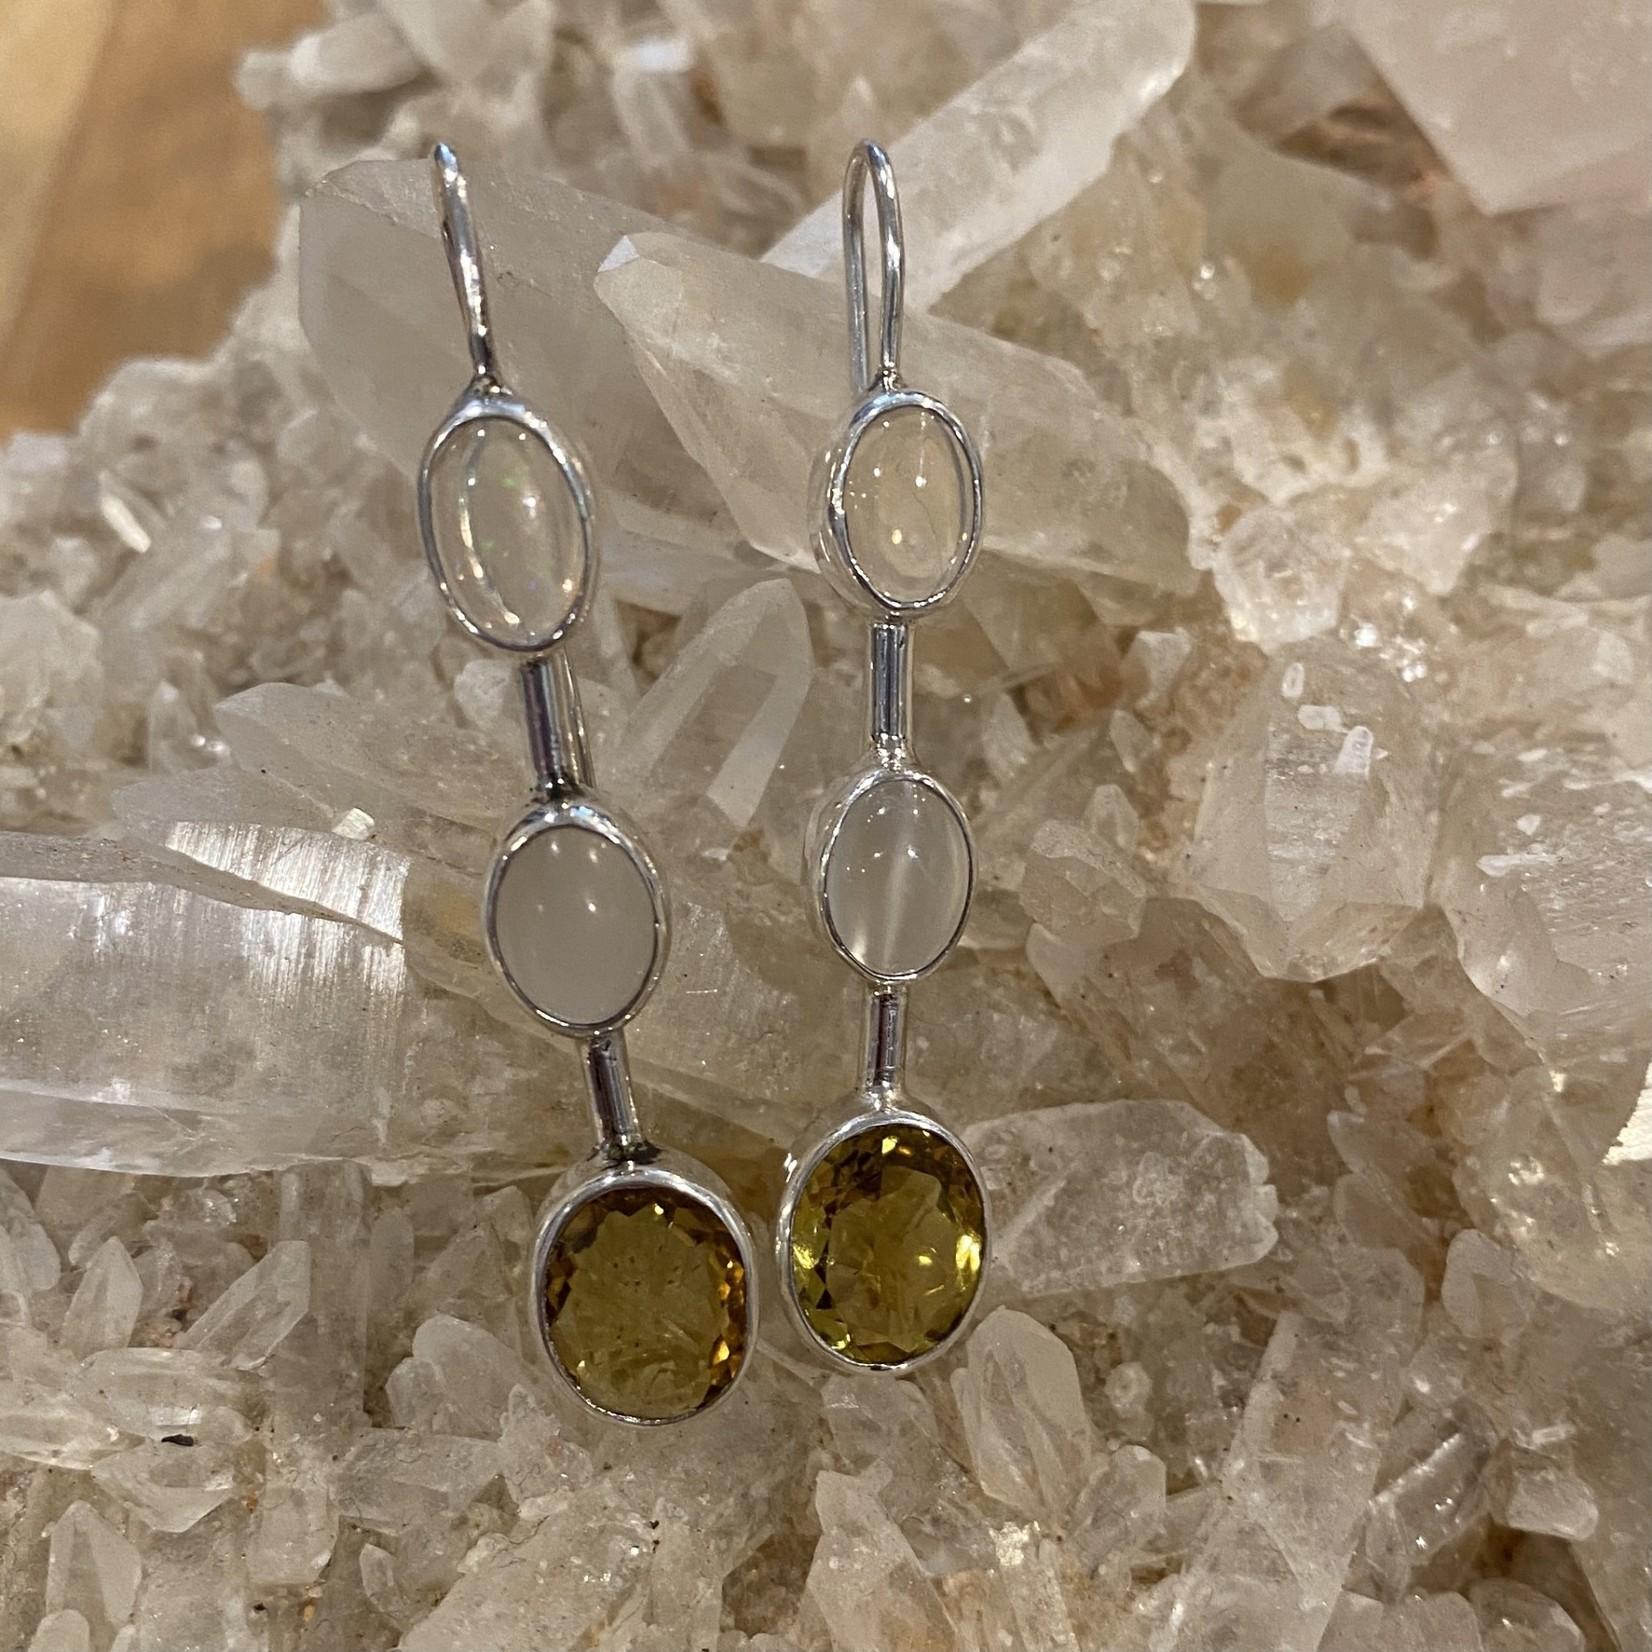 Fire Opal/Moonstone/ Peridot Earrings